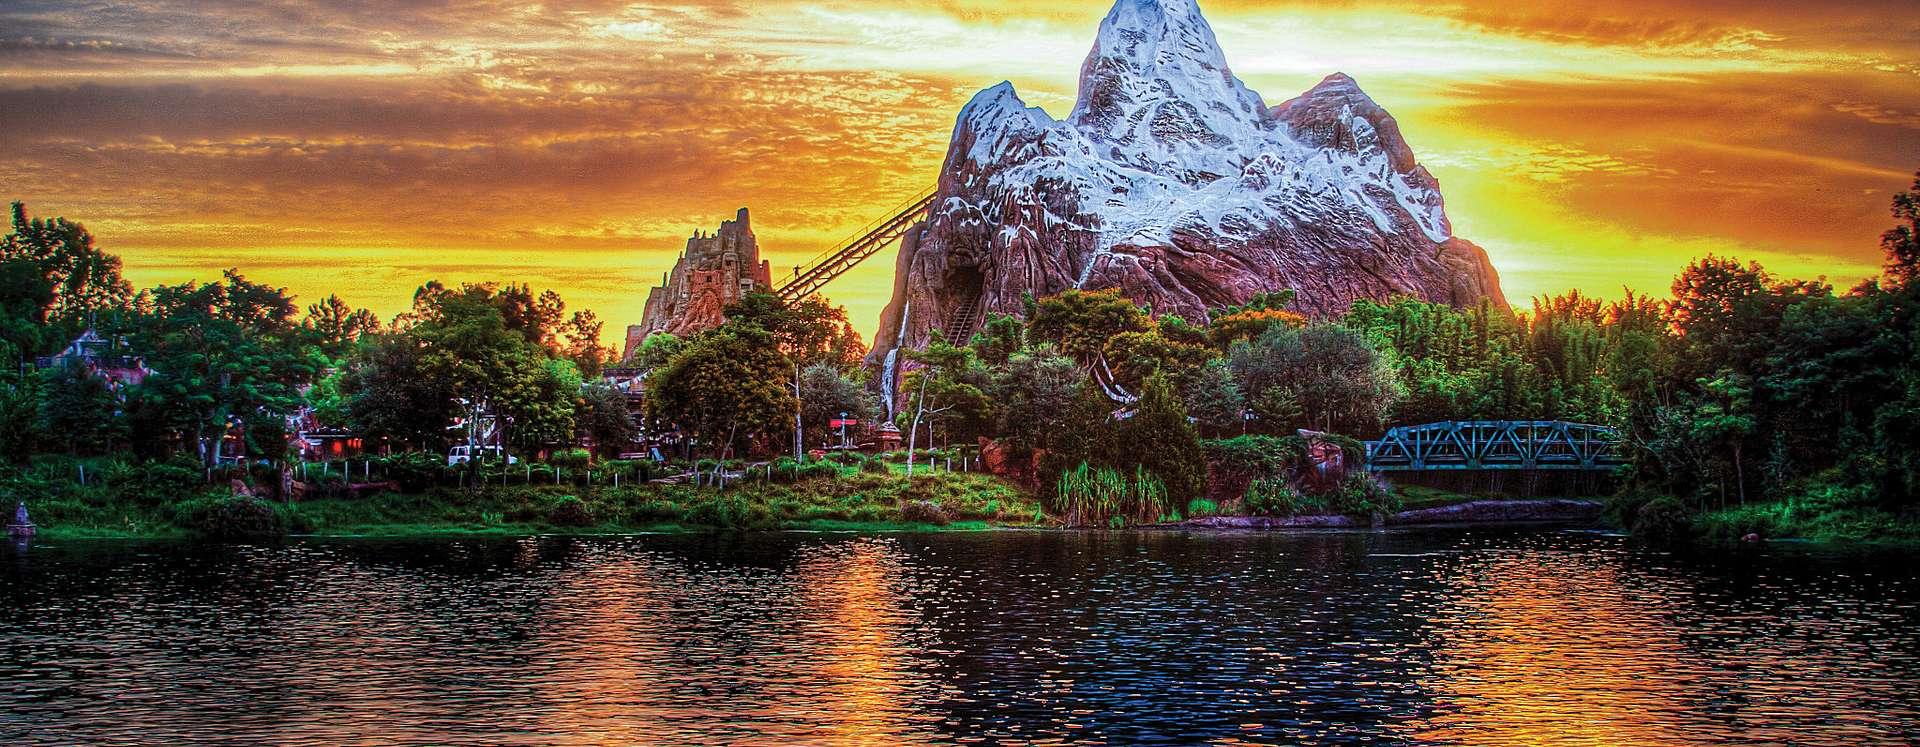 Vista Al Lago De Expedicion Everest En Animal Kingdom En Walt Disney World Resort En Orlando